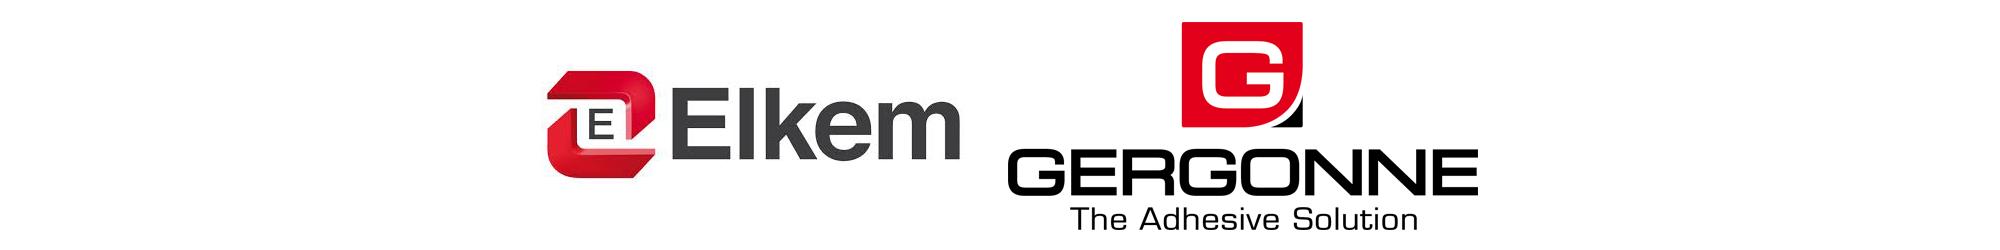 network-break-sponsors